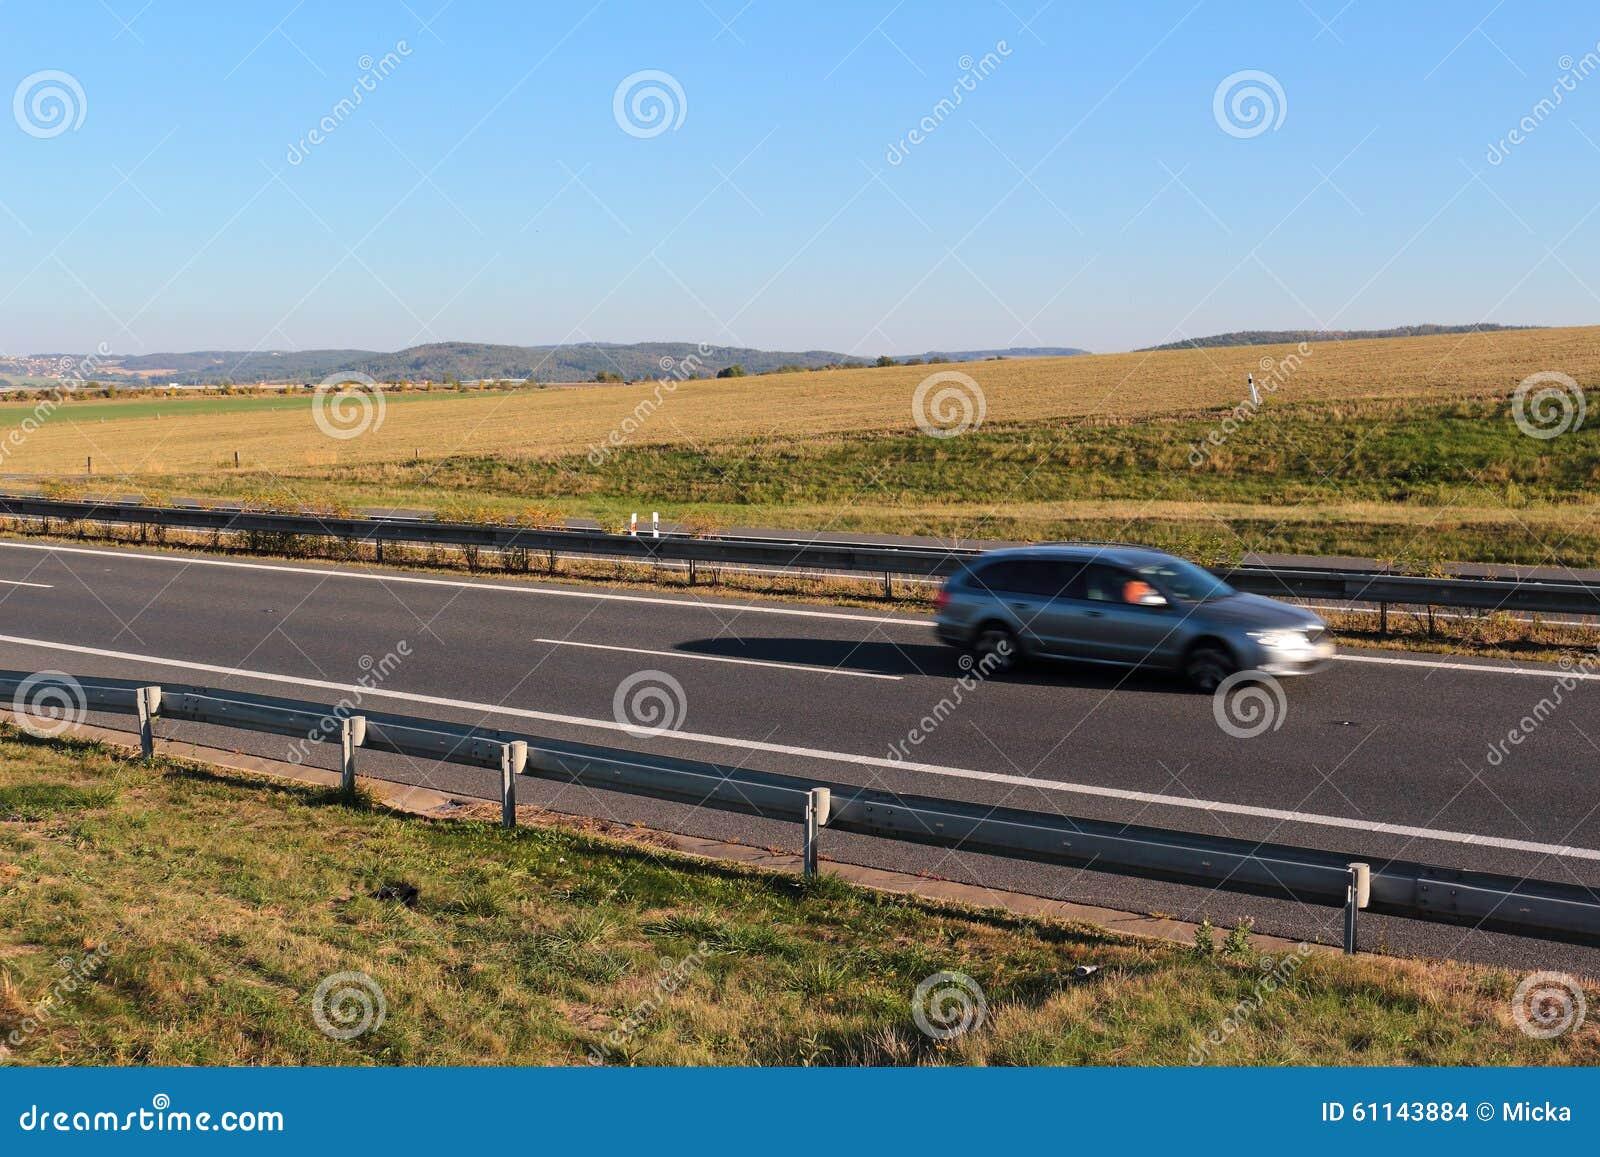 Autoantreiben auf Datenbahn